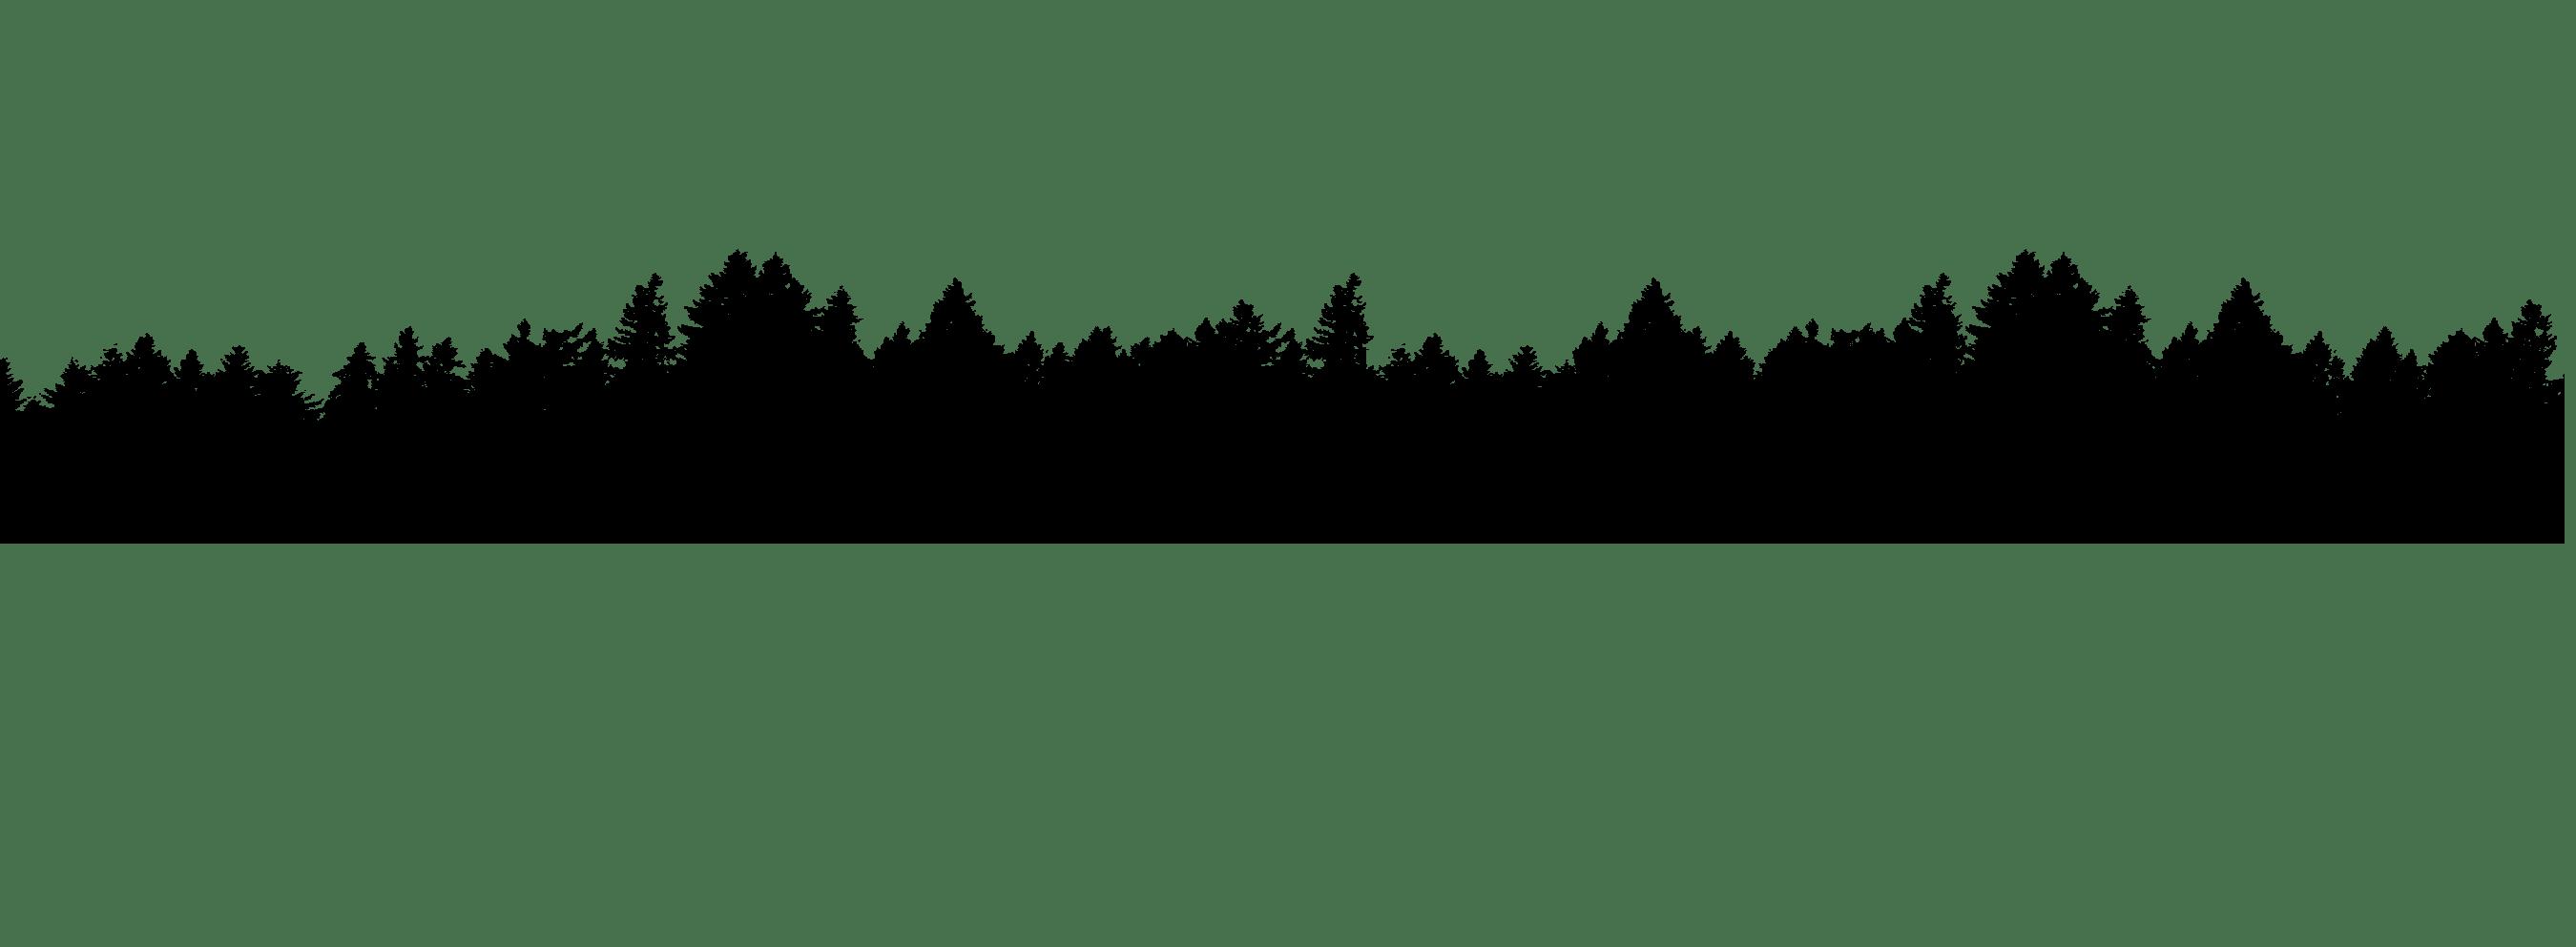 Tree Line Angle Sky plc Font.